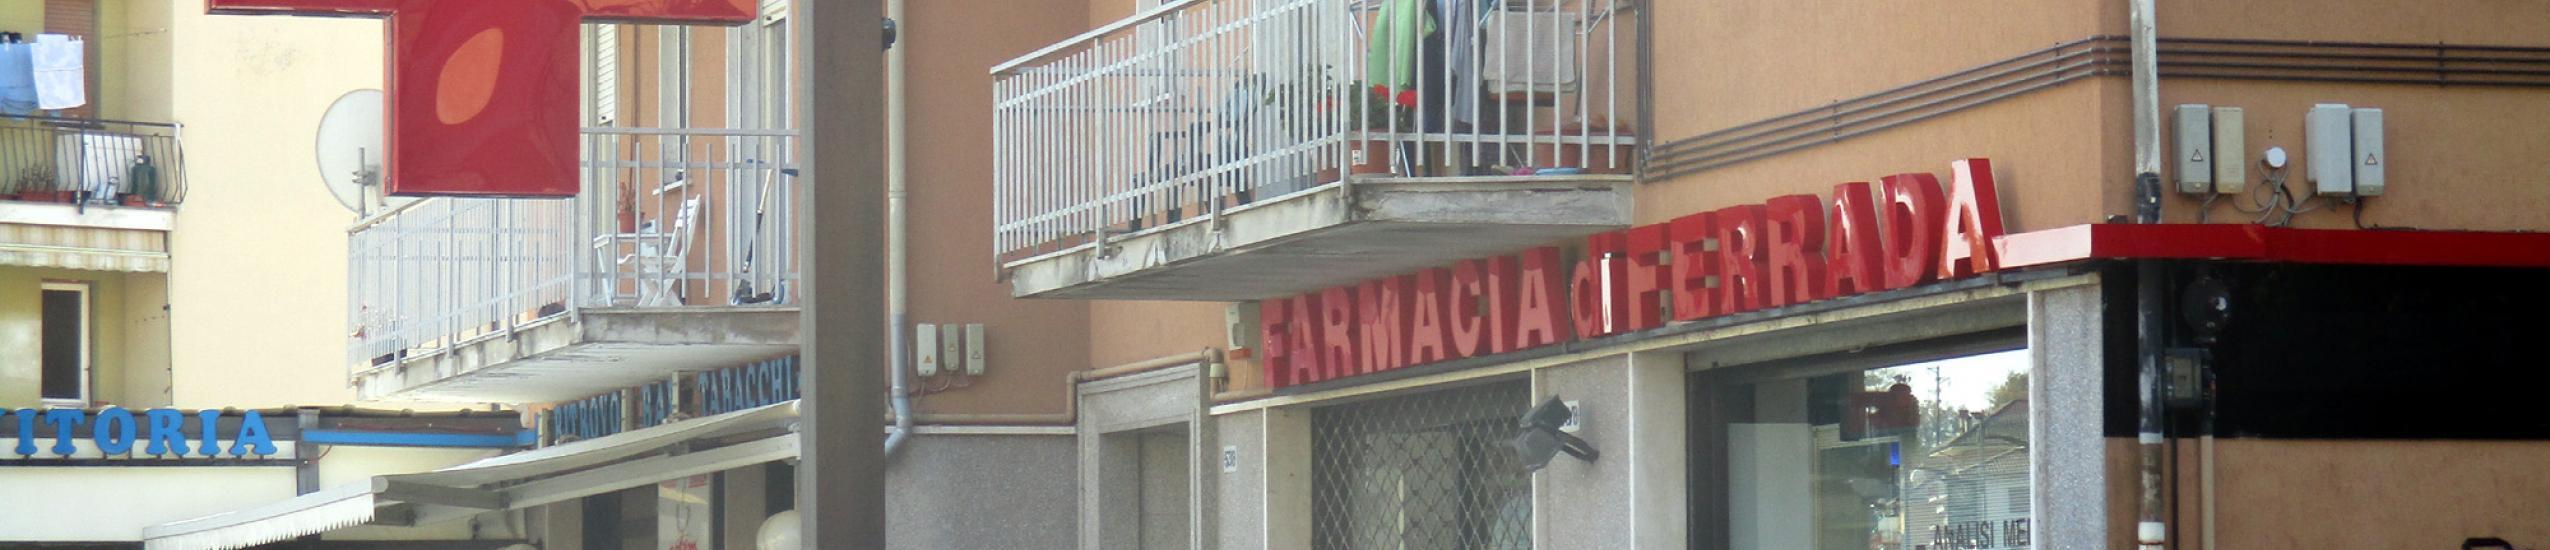 Farmacia Cabano Dr. P. Michelotti